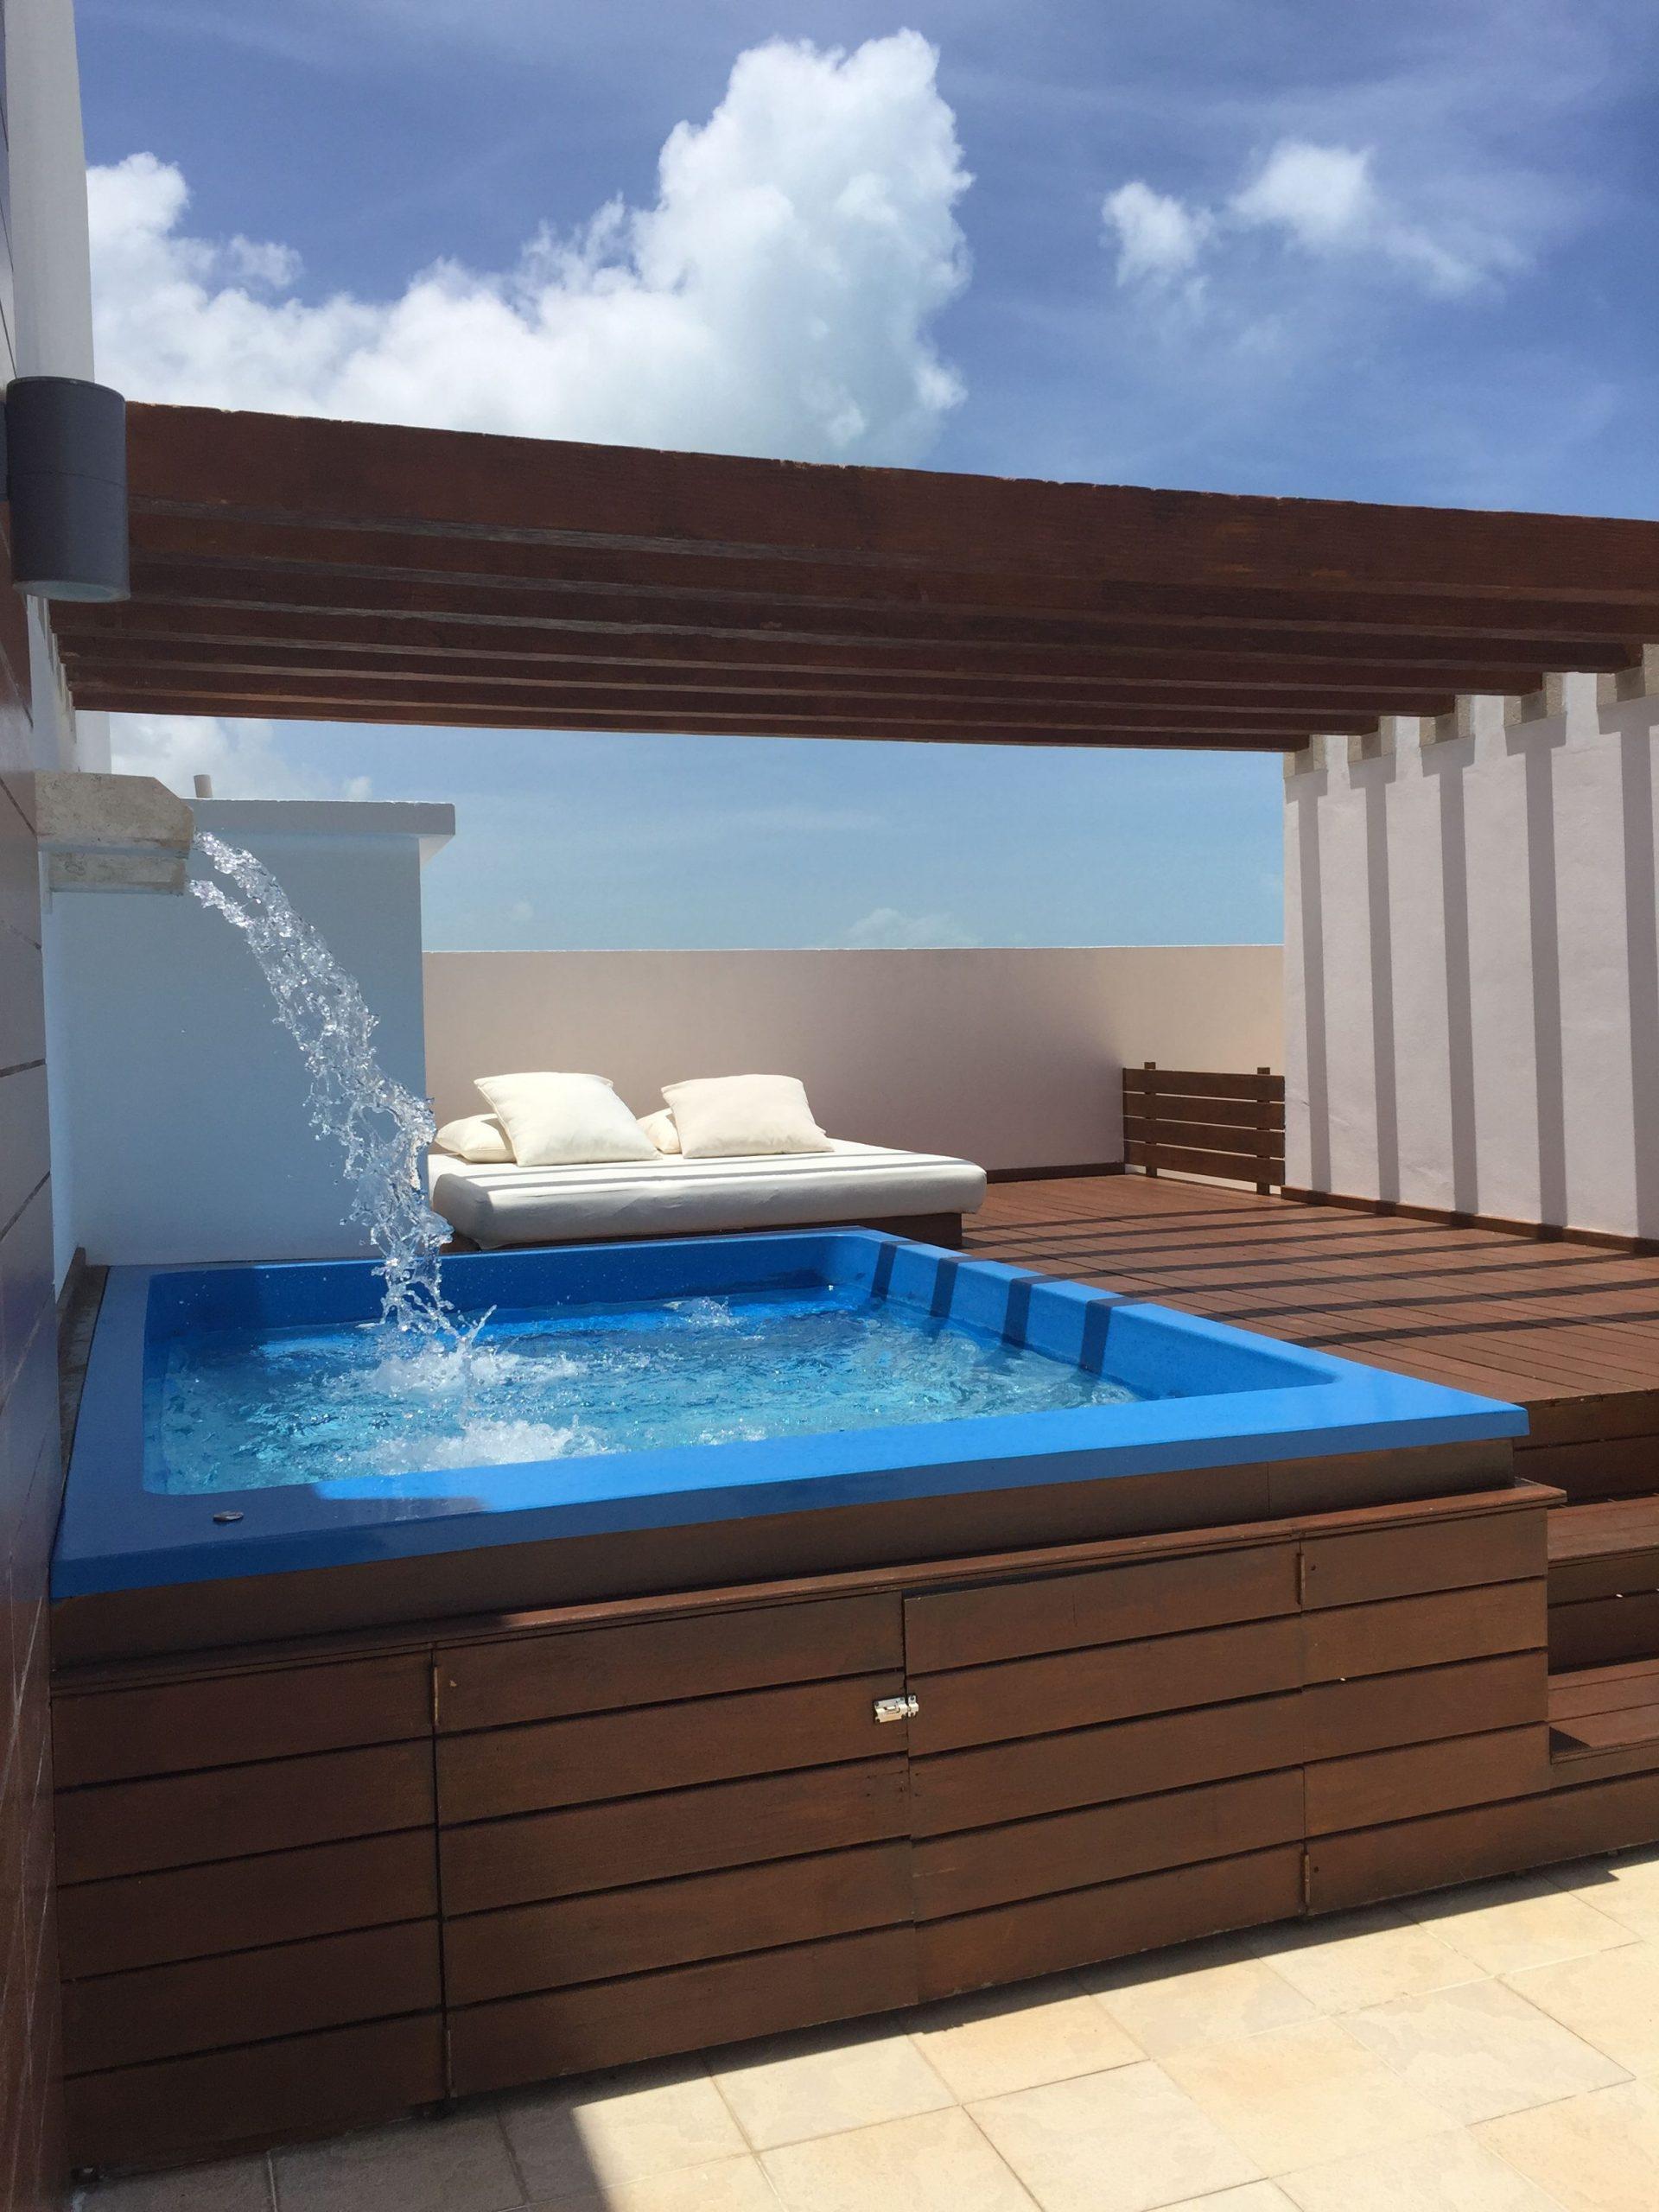 Kleinergarten In 2020 | Kleiner Pool Design, Hinterhof ... intérieur Spot Terrasse Piscine